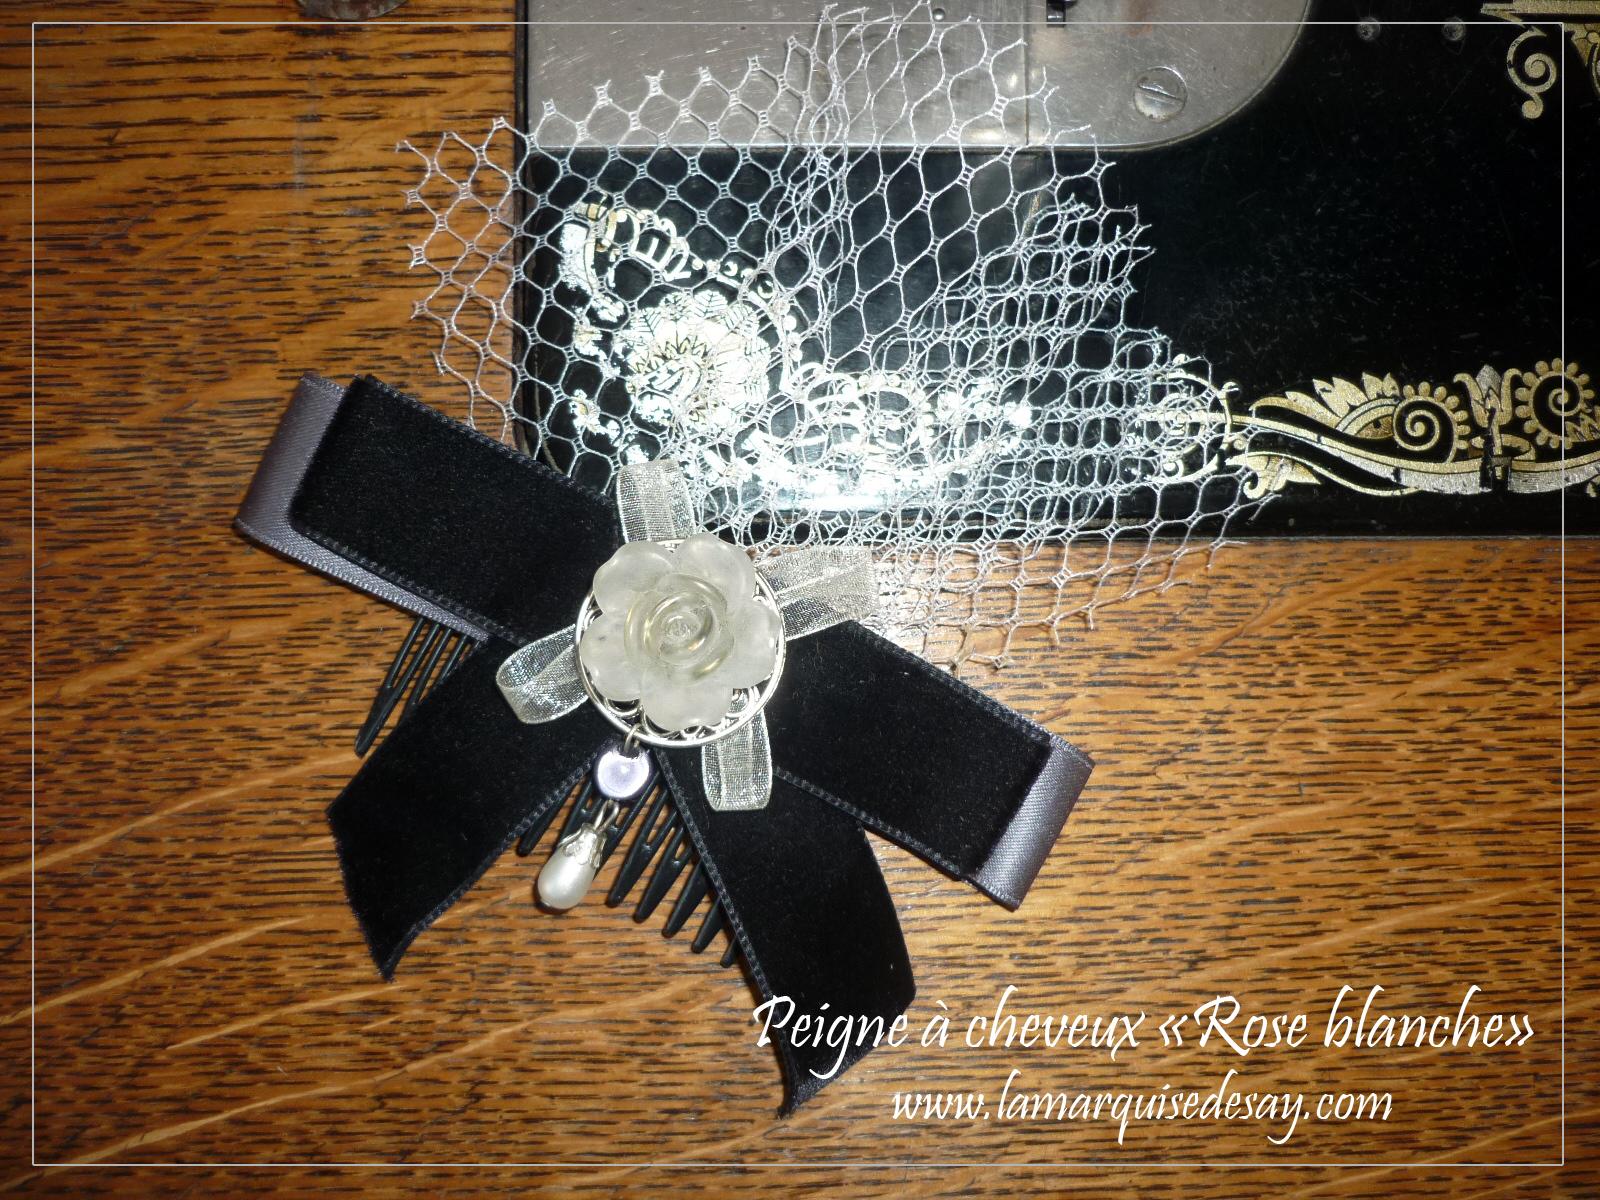 Peigne à cheveux rose blanche, style gothic lolita (EN VENTE)